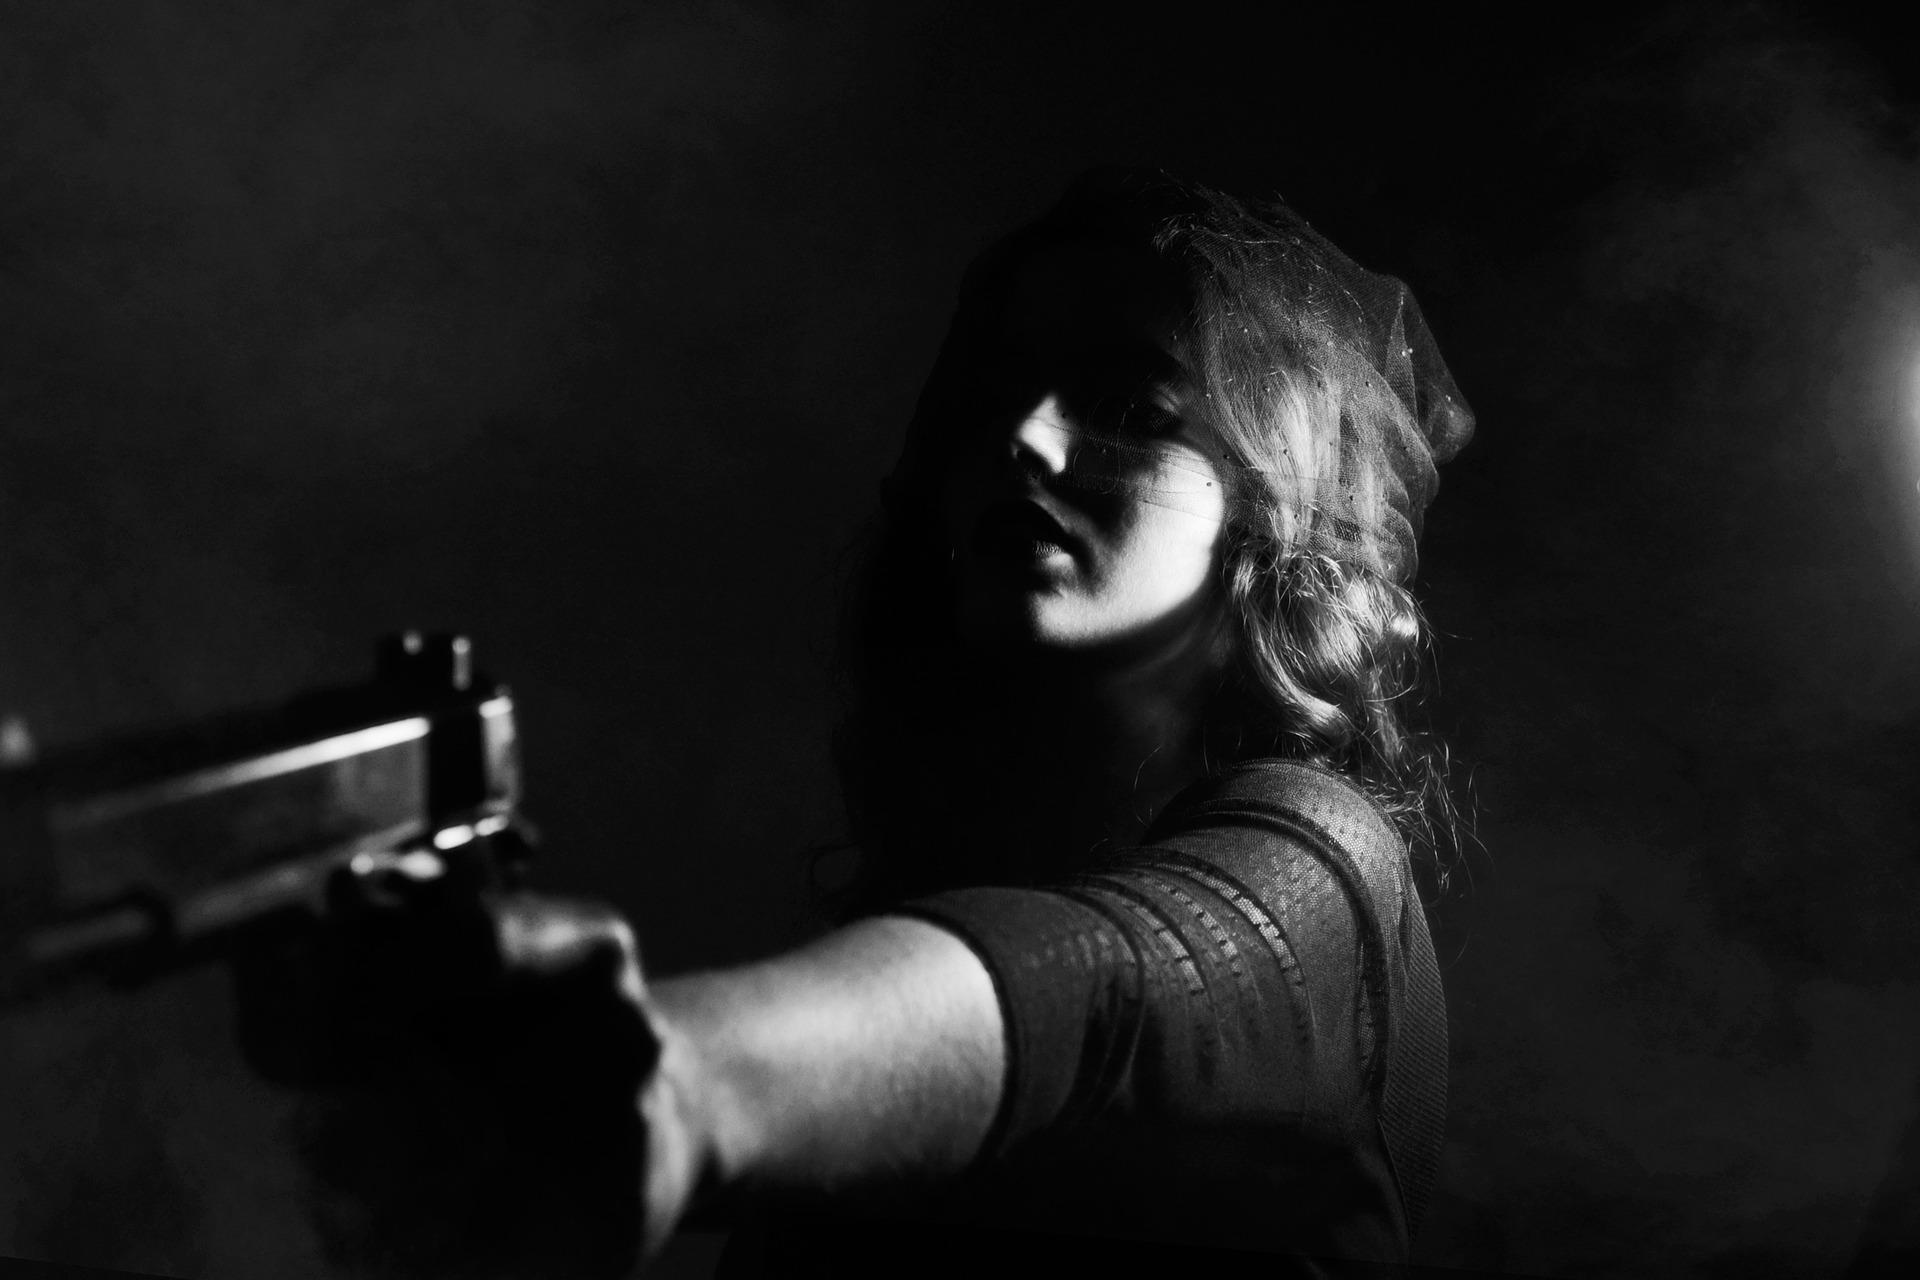 Ko su žene u opasnom svetu mafije?